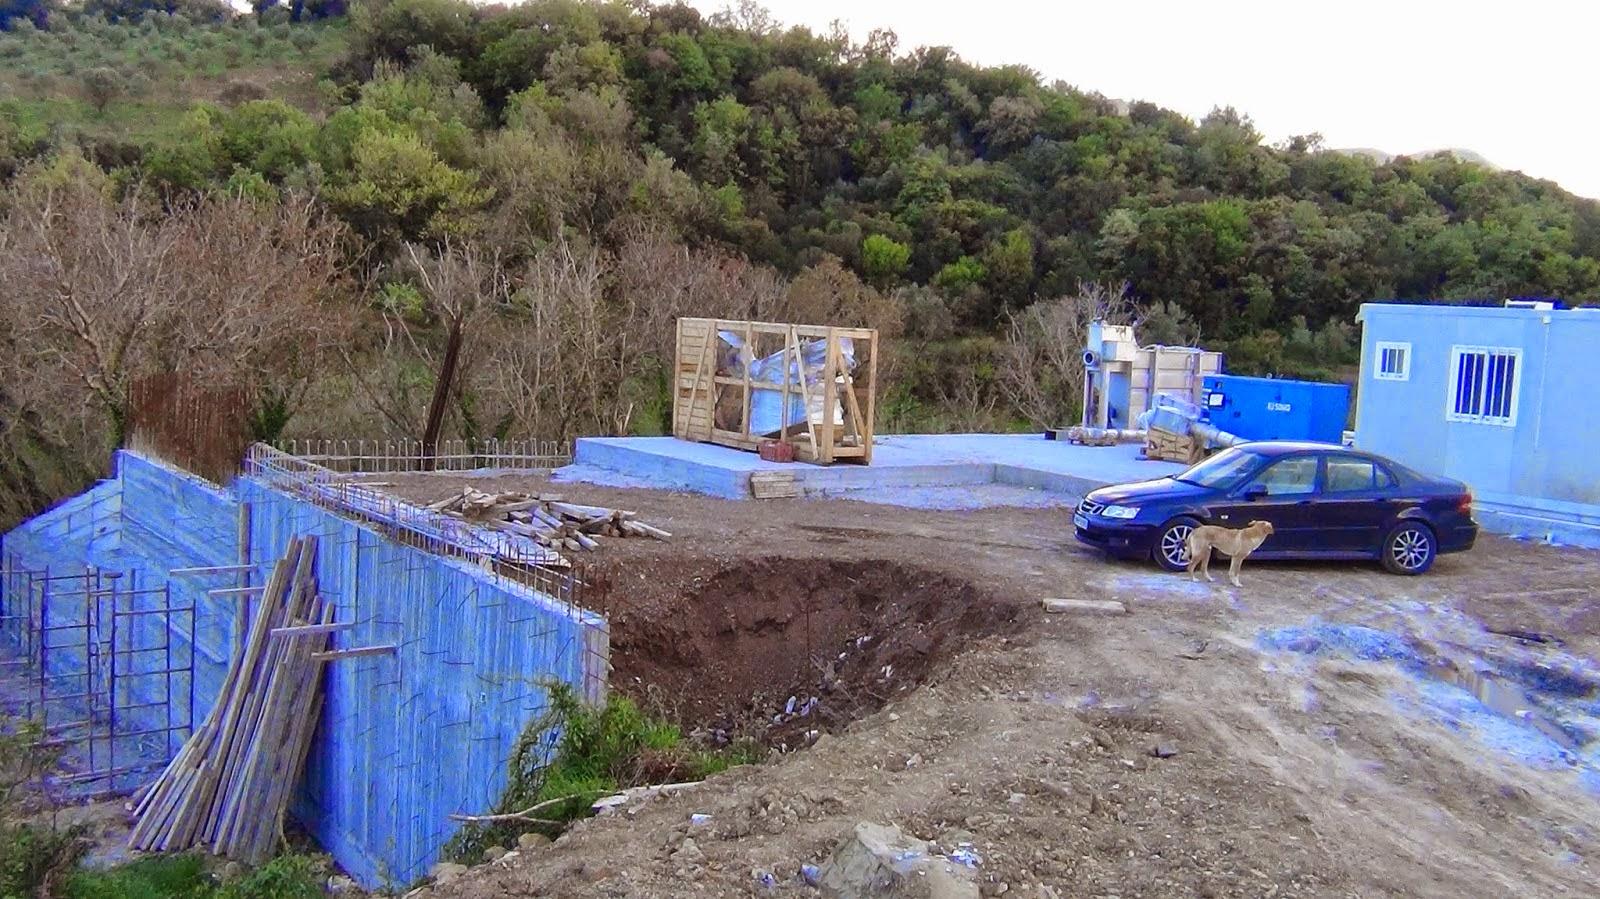 Αποτέλεσμα εικόνας για Κεντρικής μονάδας επεξεργασίας λυμάτων στην Τ.Κ Κοπανακίου